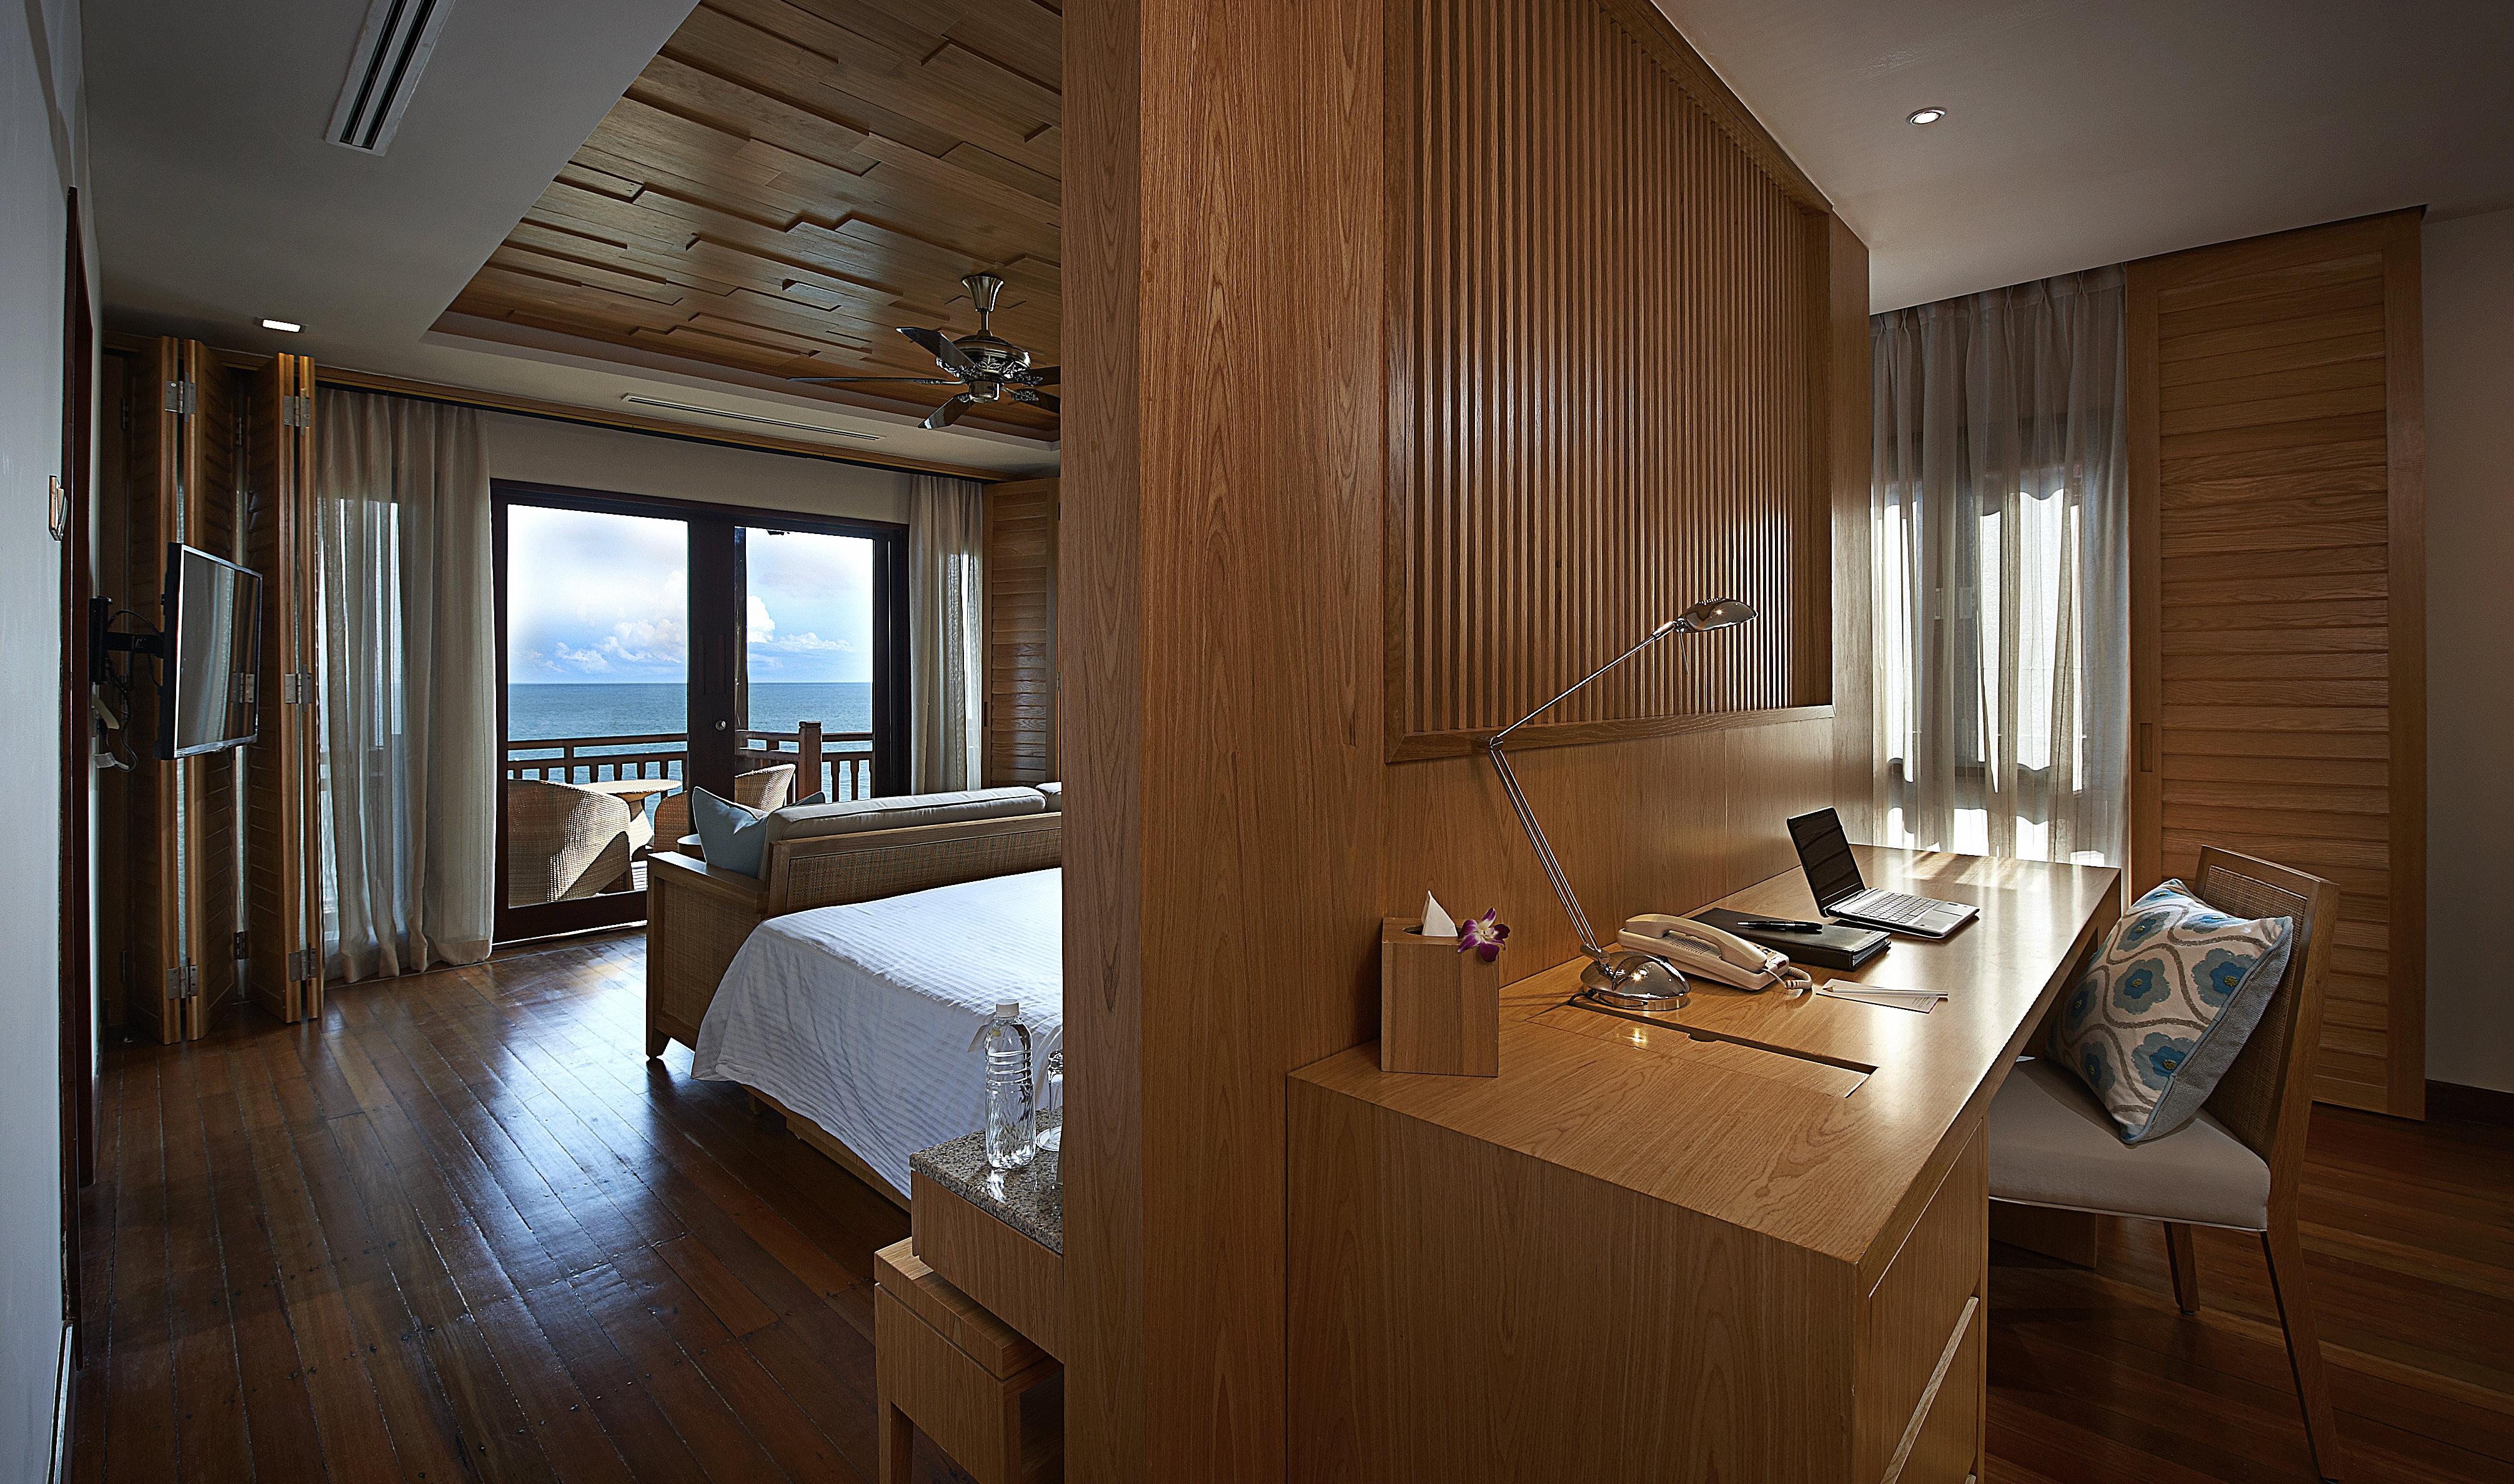 Berjaya-Langkawi-Resort-Premier Suite On Water - Room Interior